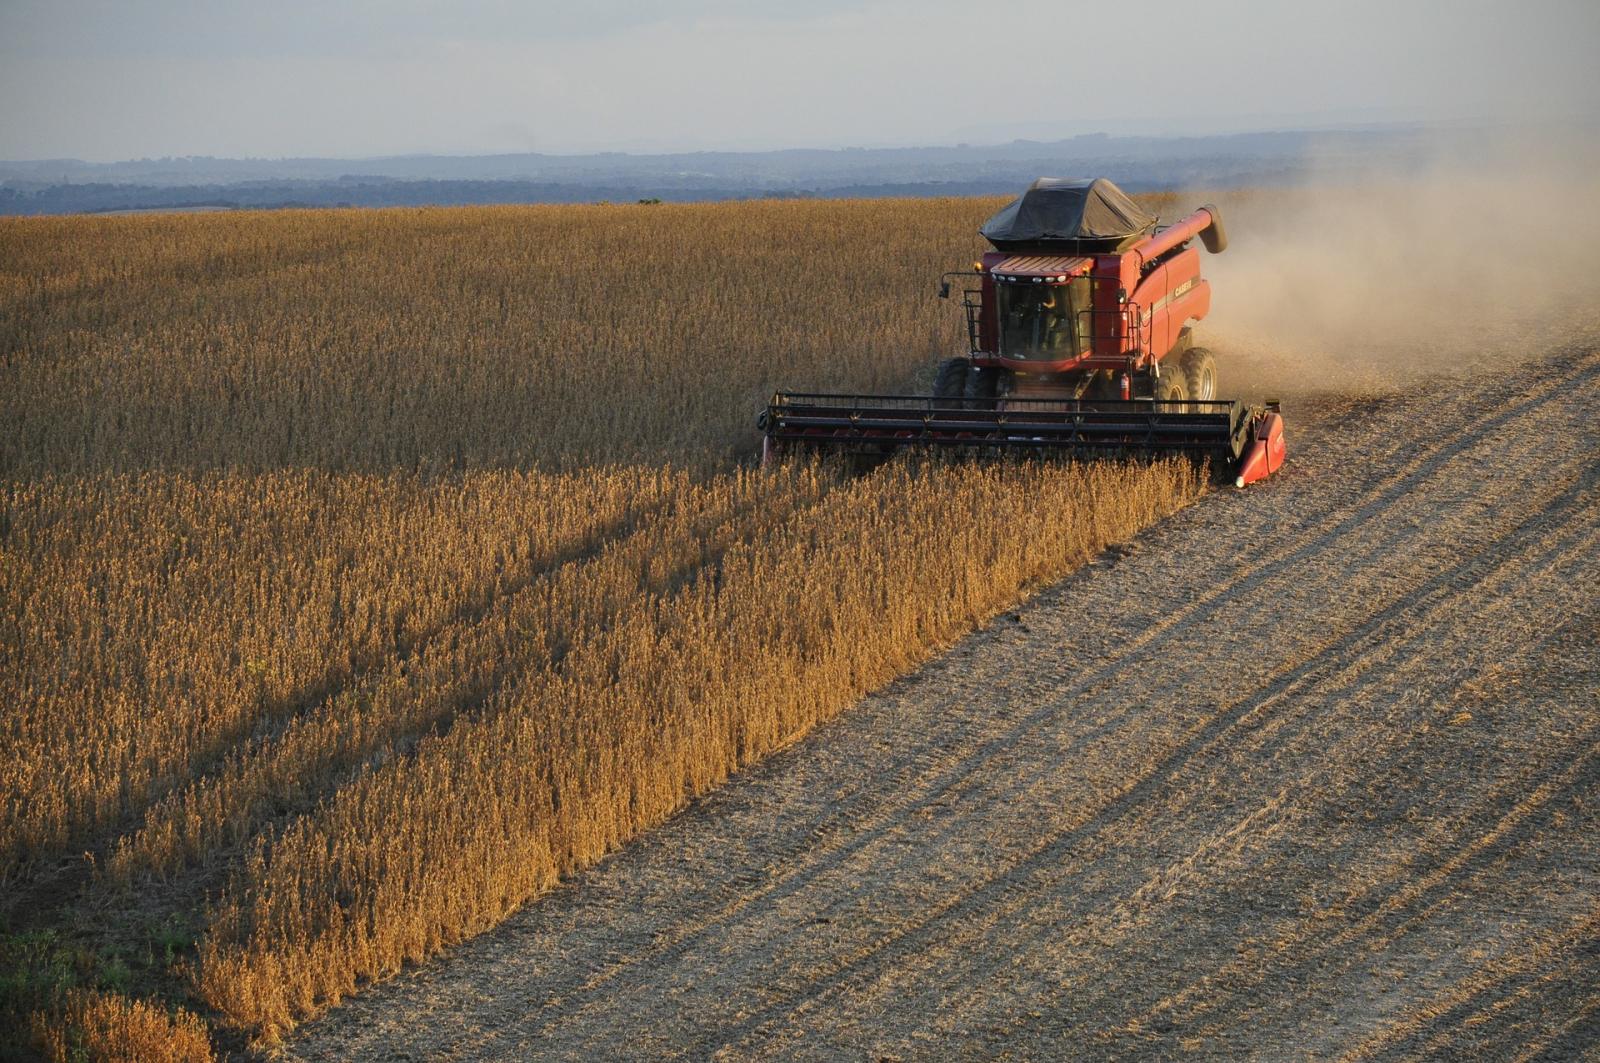 Soy harvest in Brazil. Photo credit: Pixabay